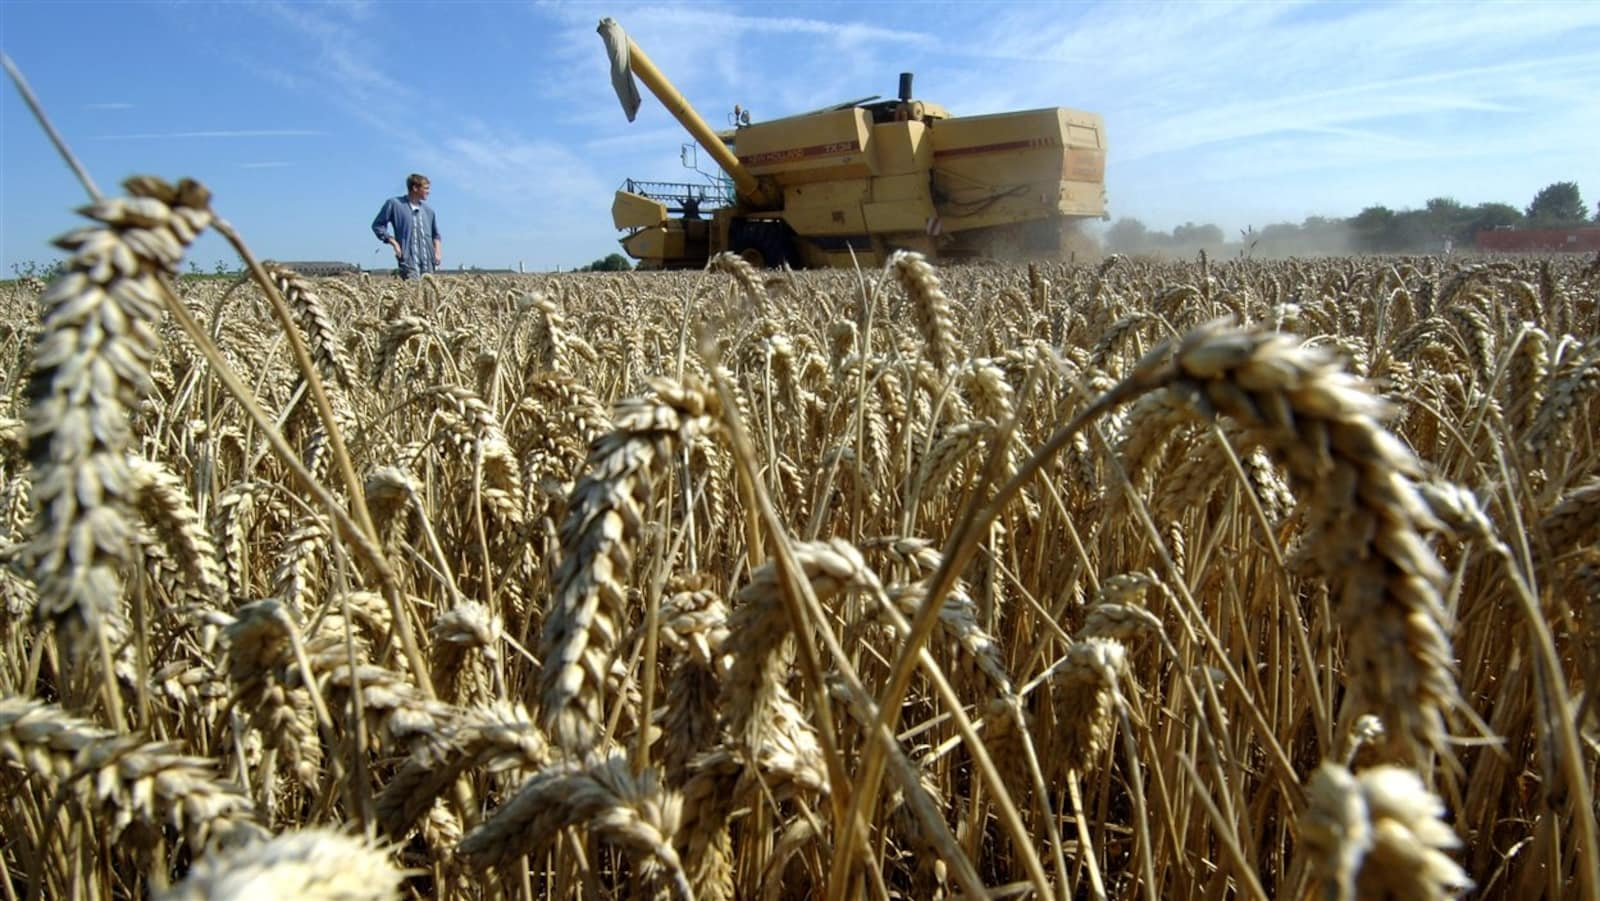 Sur la photo : un champ de blé qui s'étend à perte de vue. On y voit, au loin, un fermier debout et une machine agricole récoltant le blé.